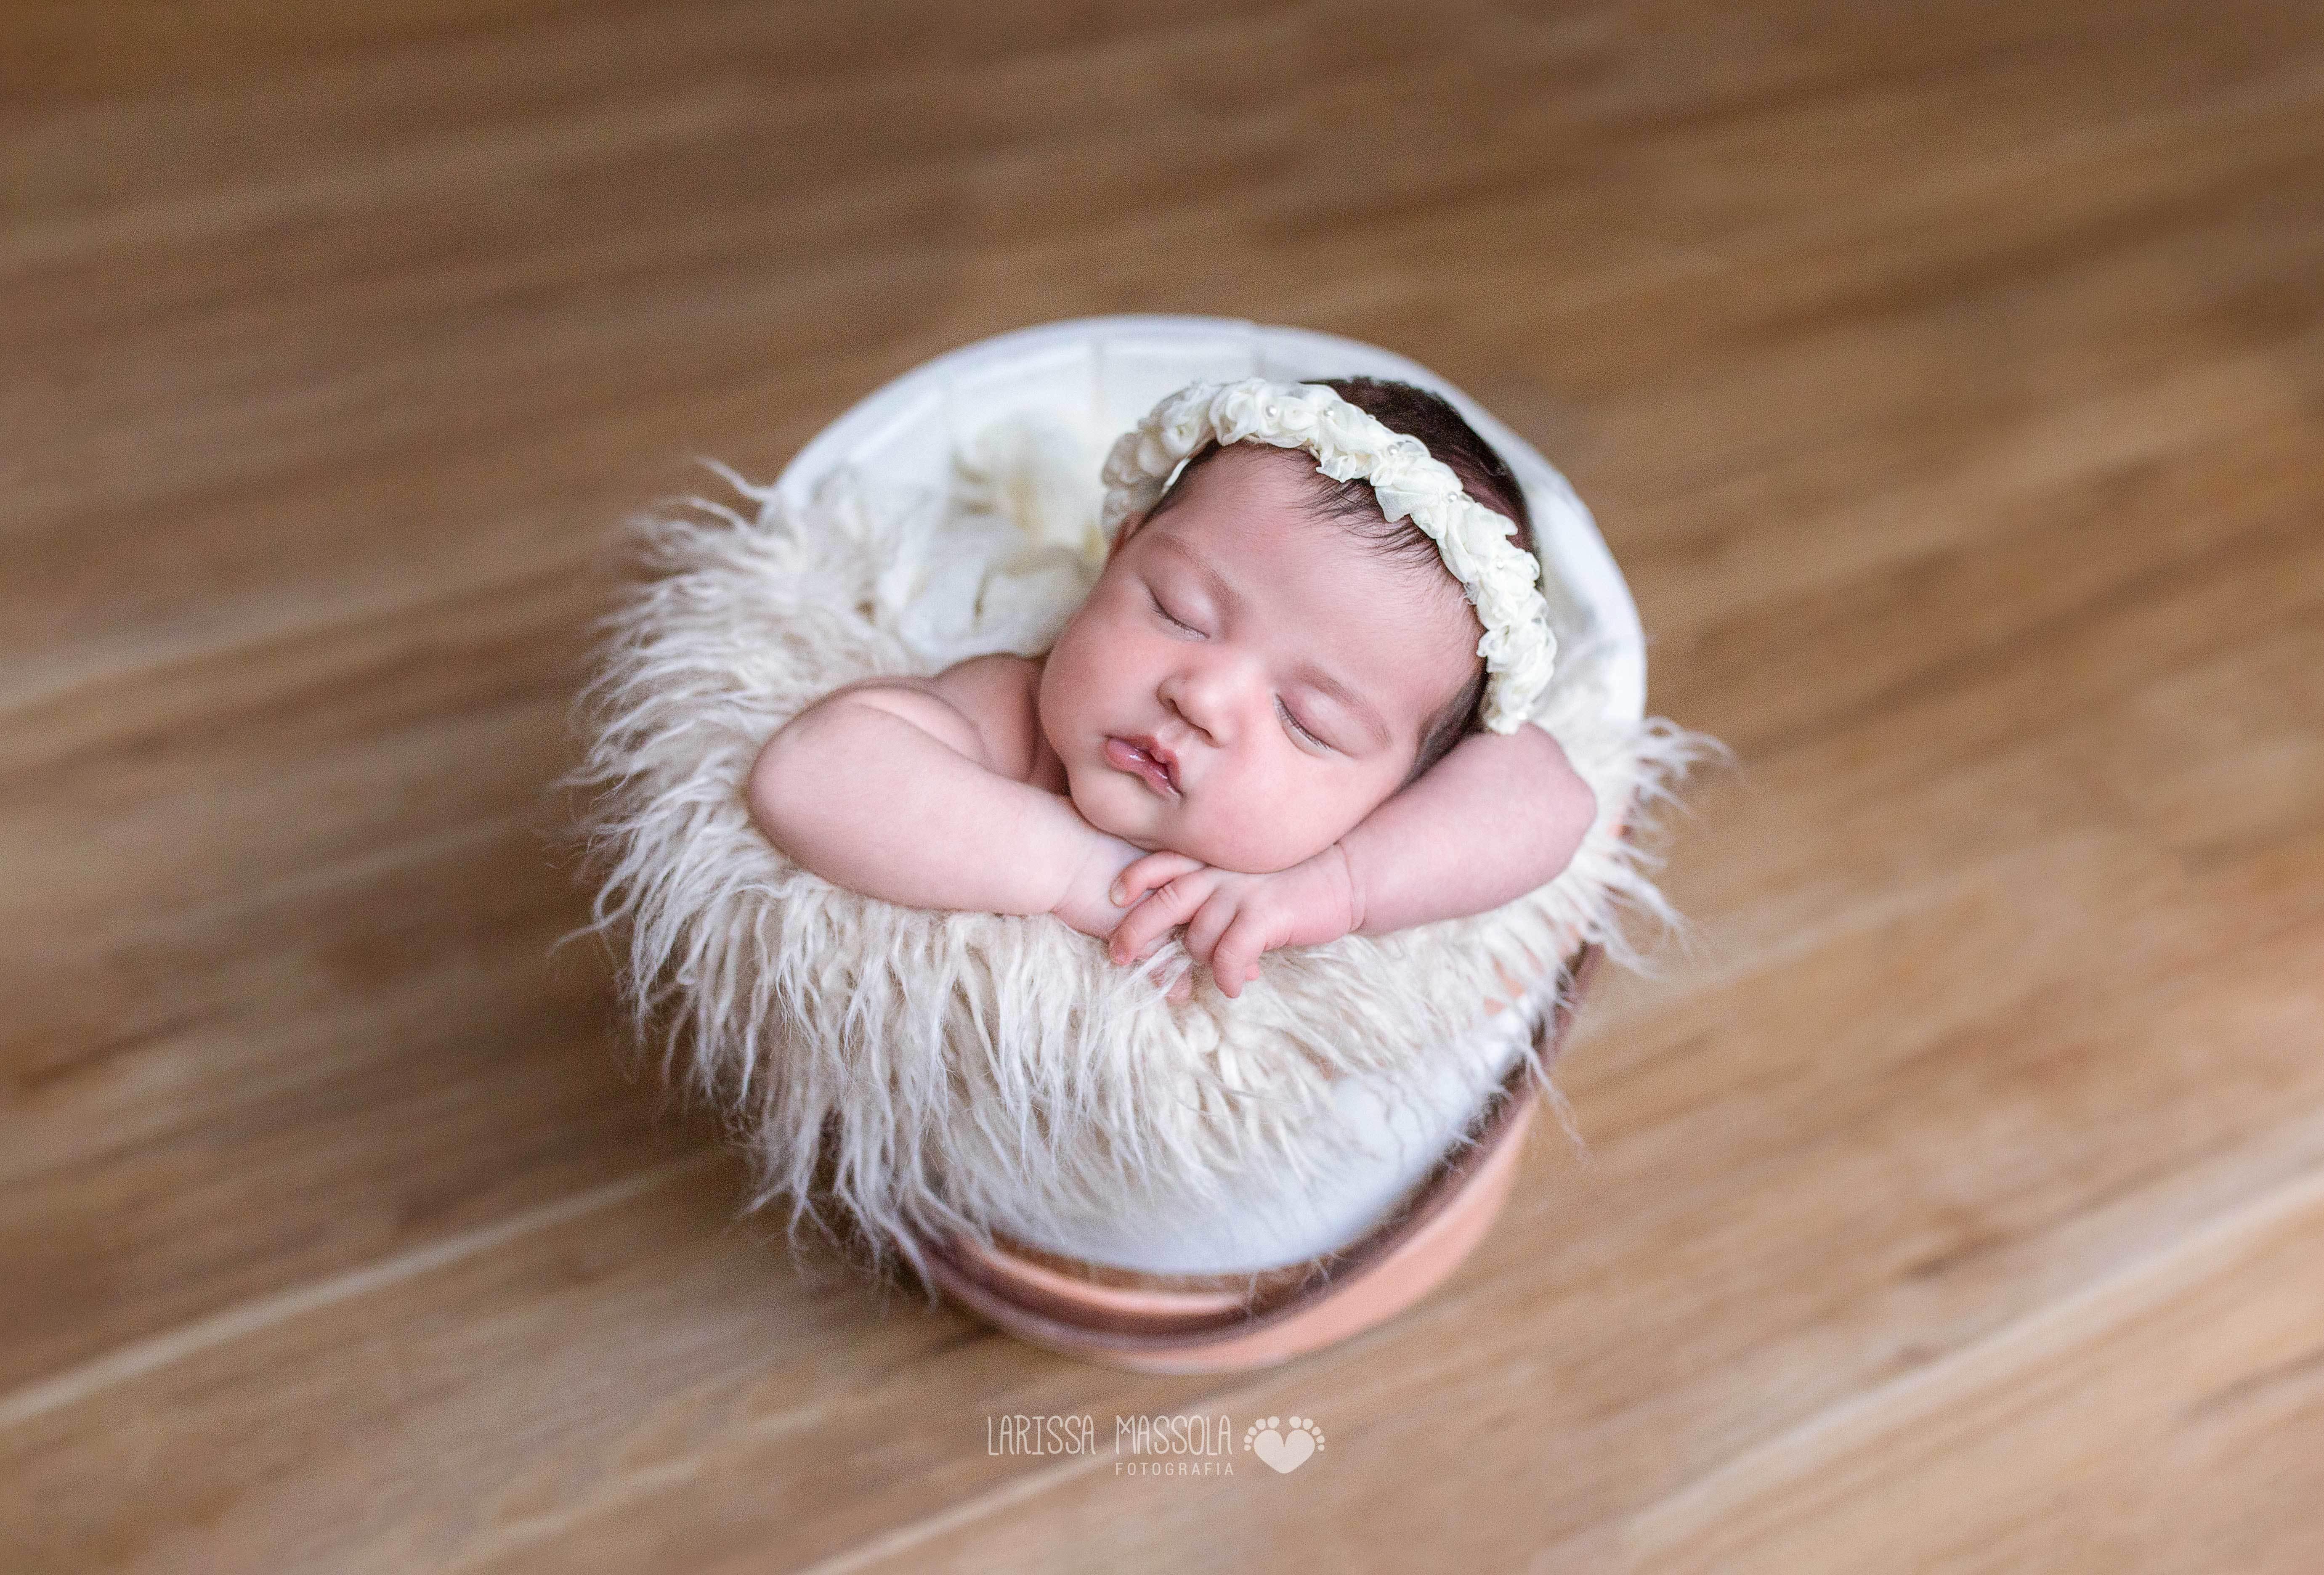 Contate Larissa Massola: Fotógrafa de Newborn em Jaú, Bauru e região